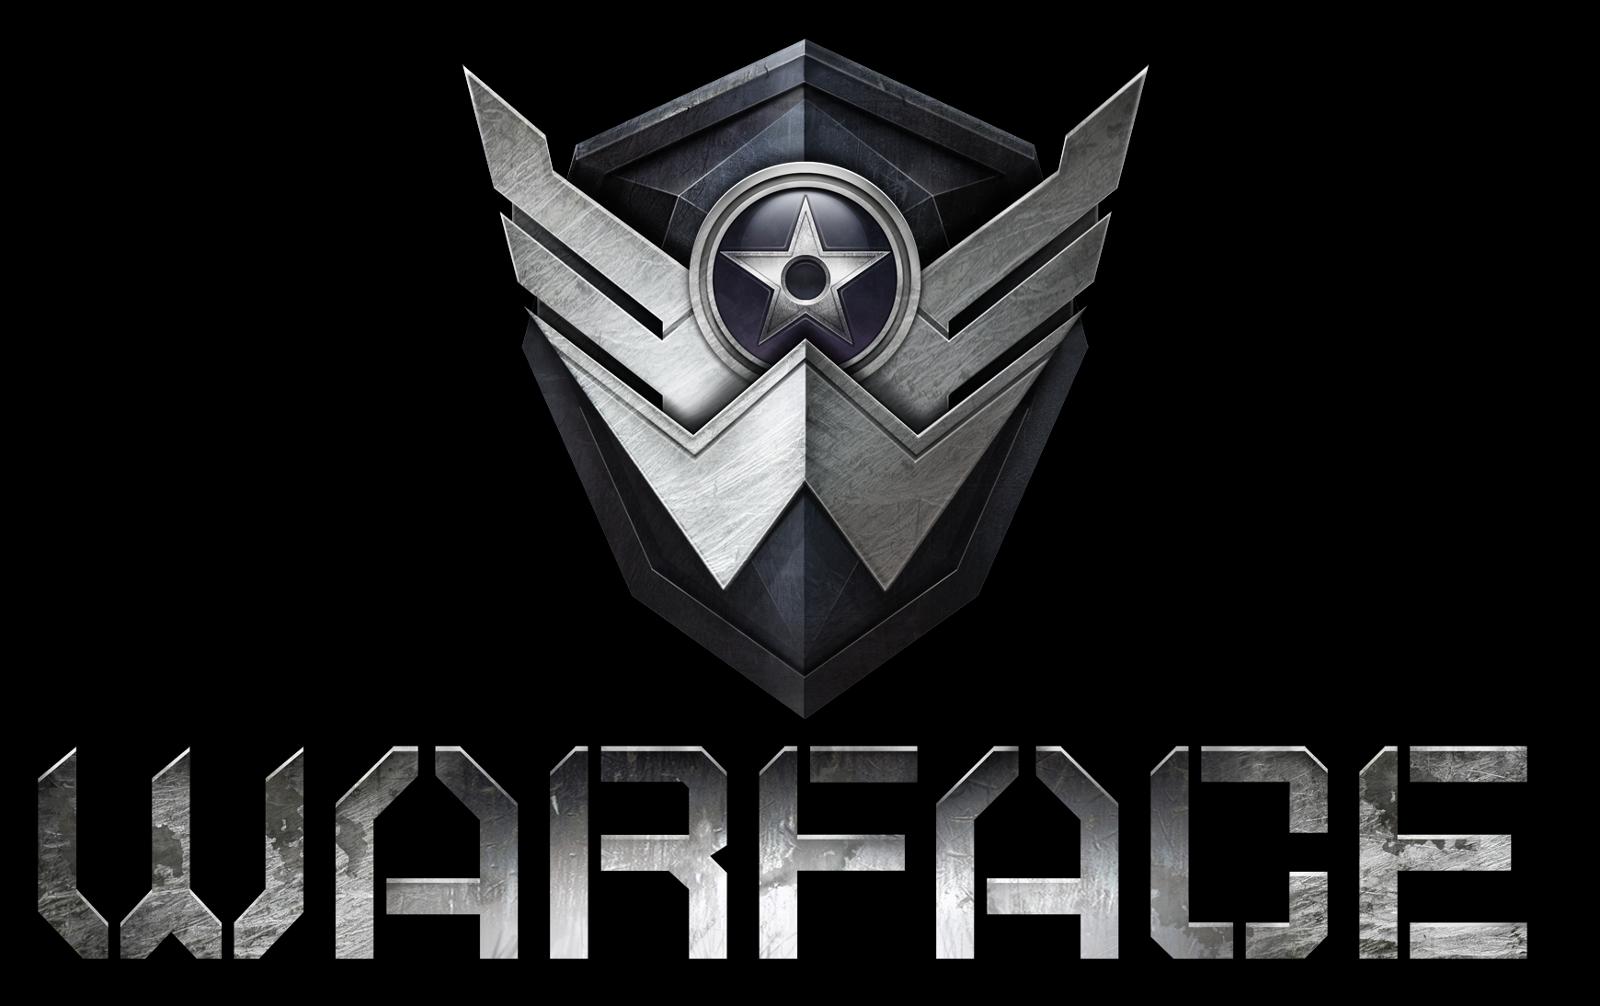 Warface картинки png - b36ce